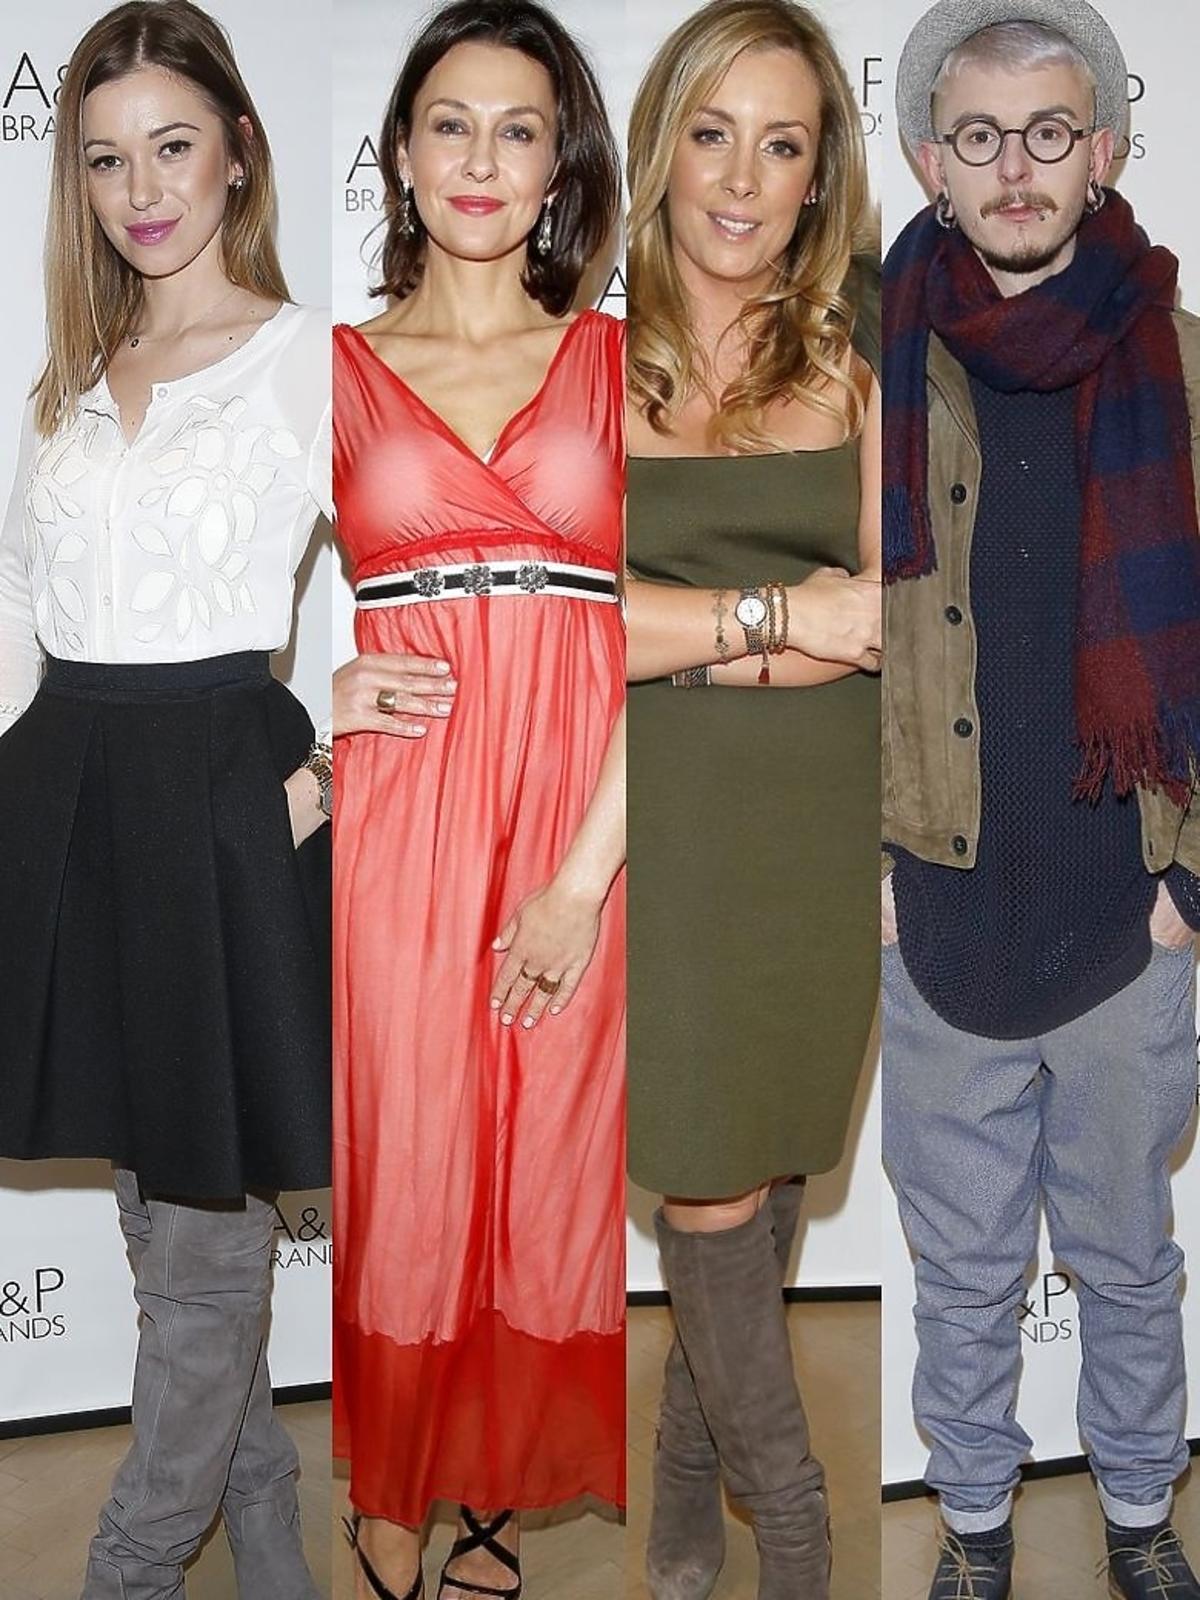 Gwiazdy podczas press day marki FRACOMINA